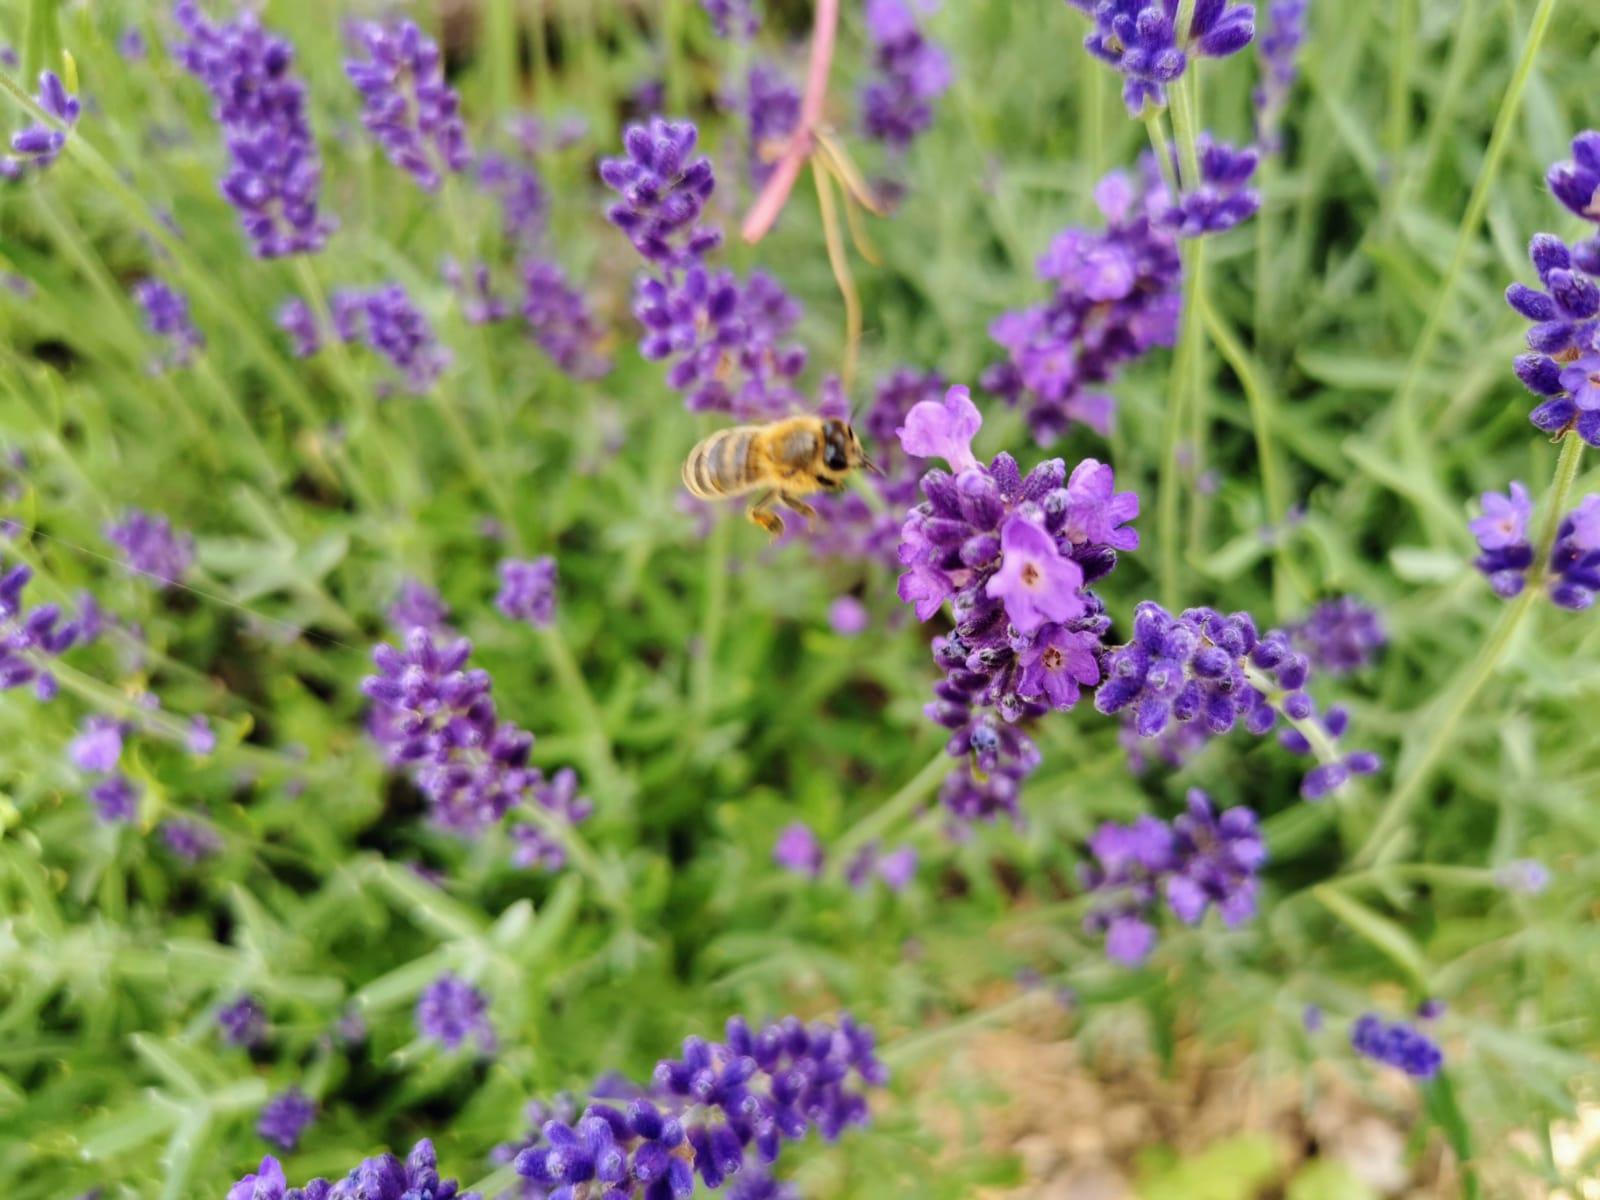 Eine Nahrungs- und Spielwiese für Bienen und Insekten - Lavendel - Biene - Bio Imkerei Bramreither - Mühlviertel - Rohrbach - Penning